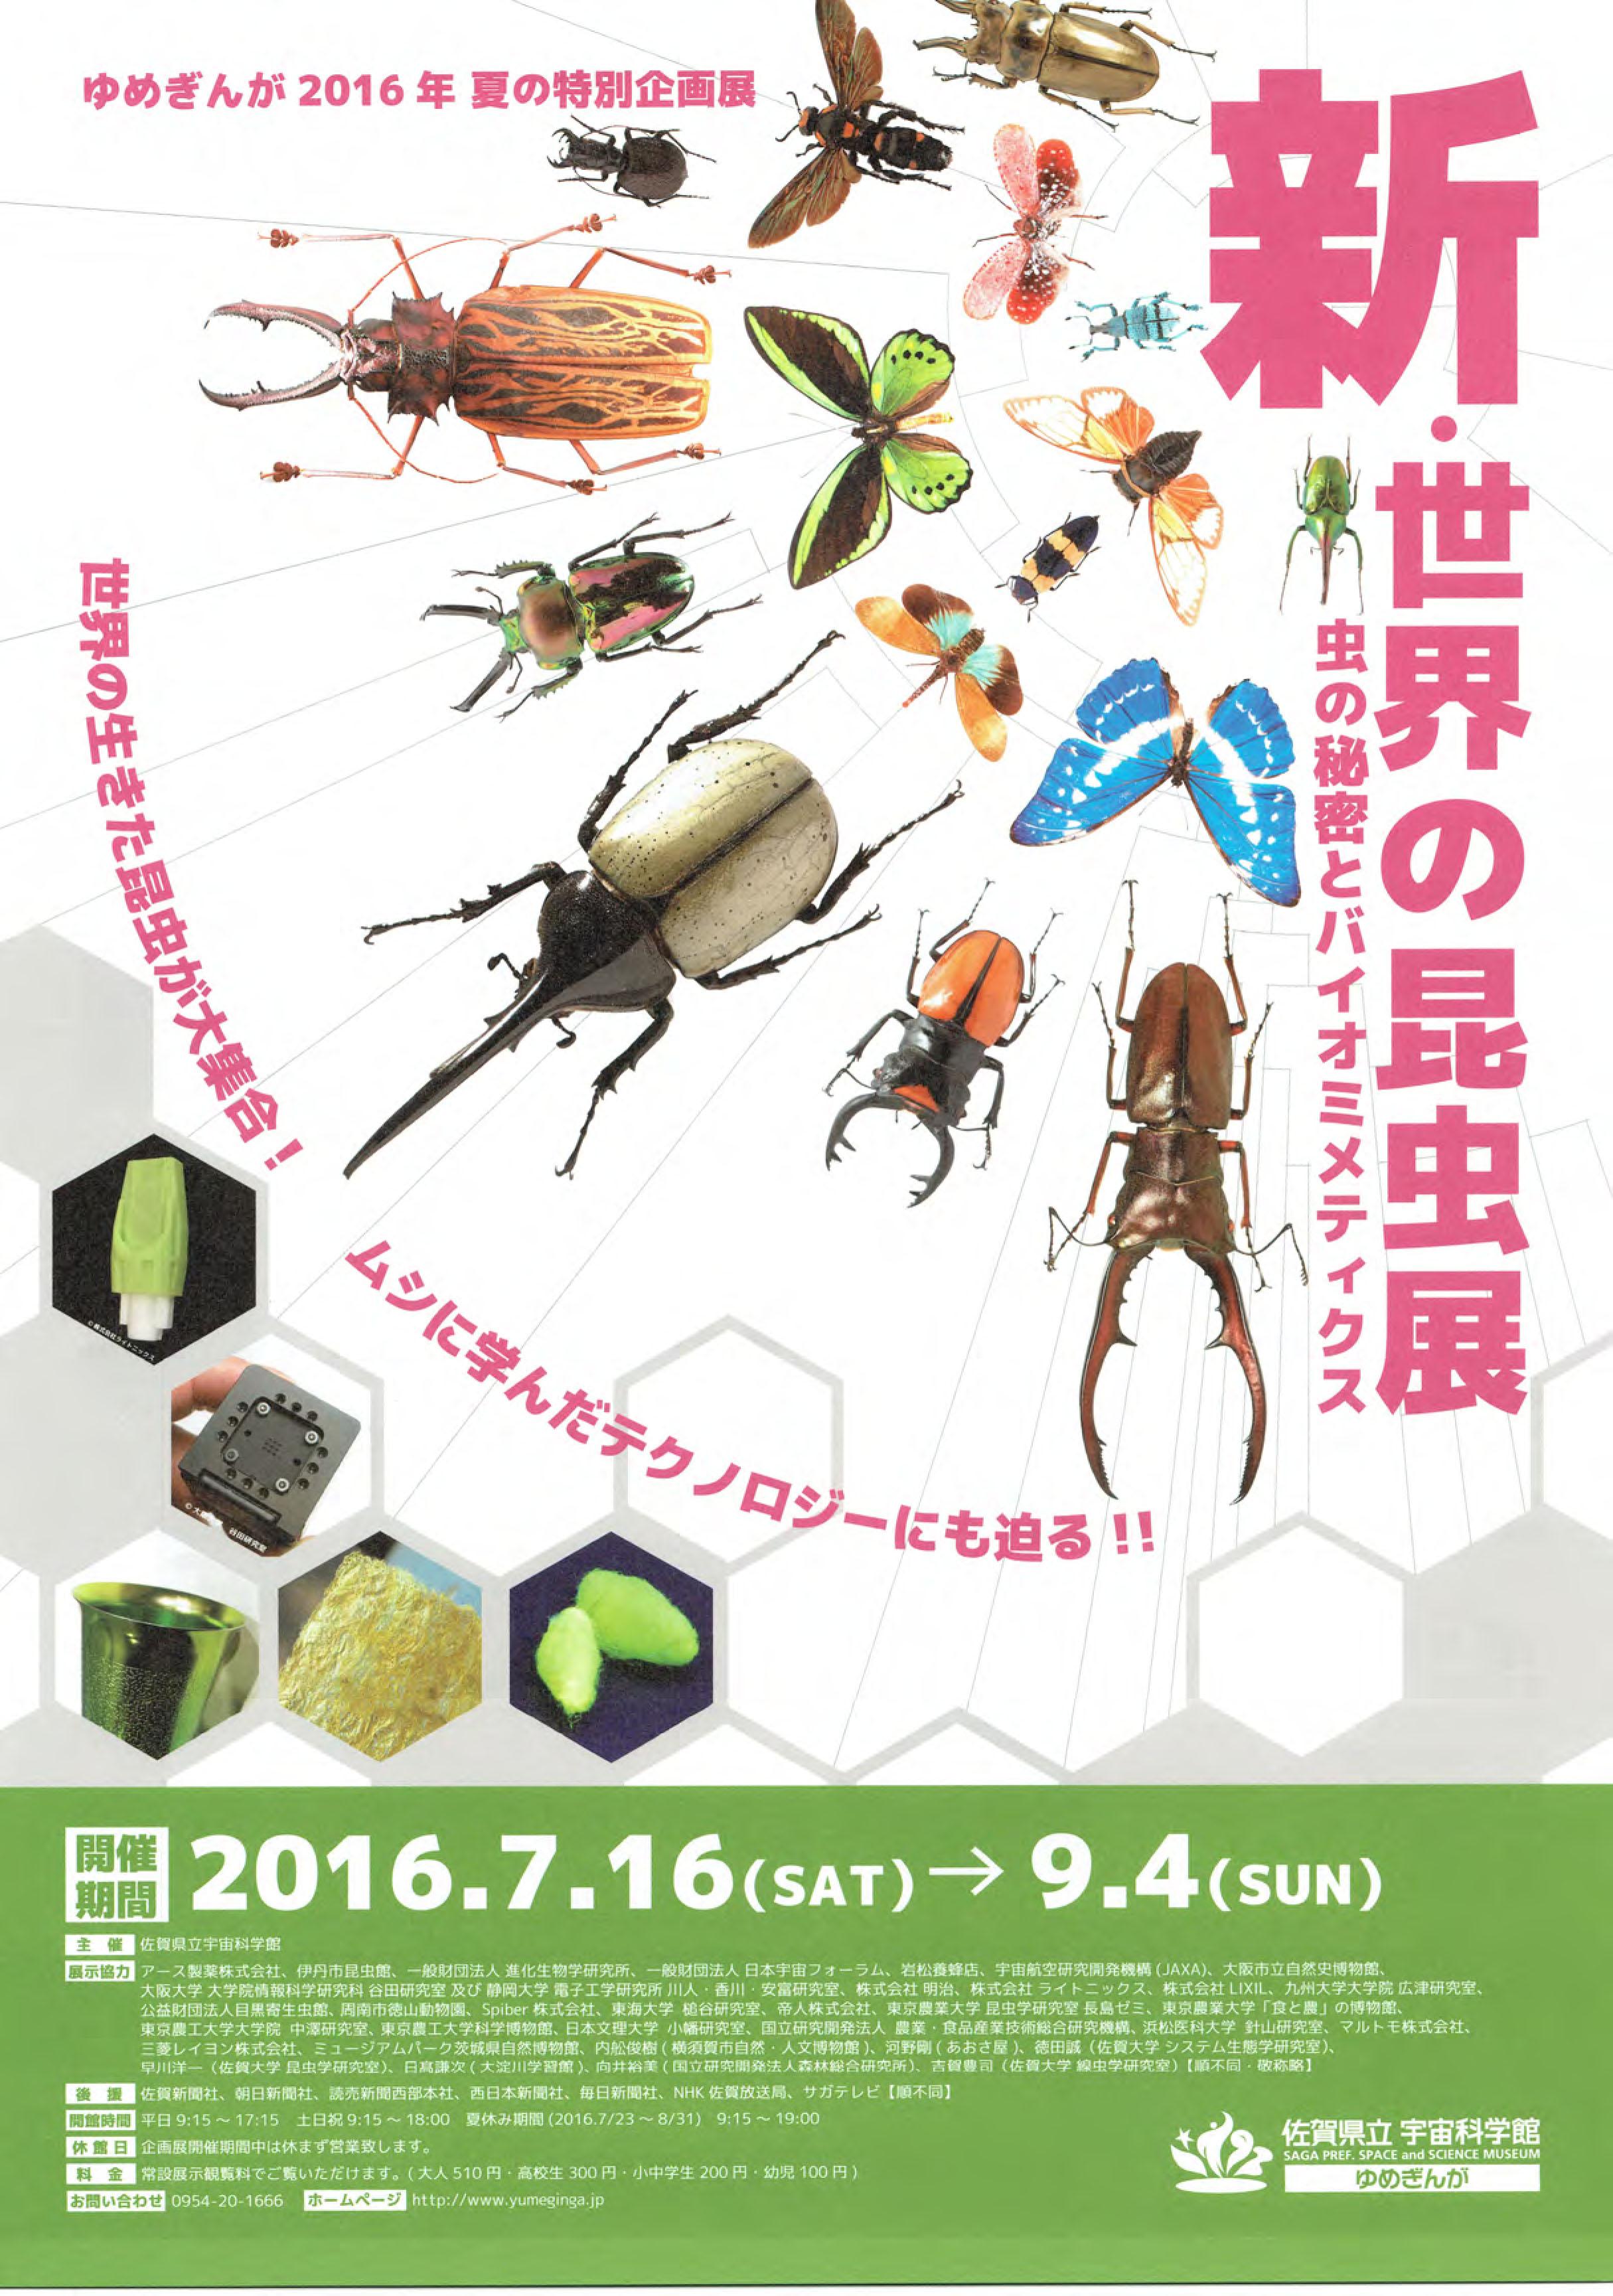 2016.7.16-9.4._佐賀県立宇宙科学館_新・世界の昆虫展-1